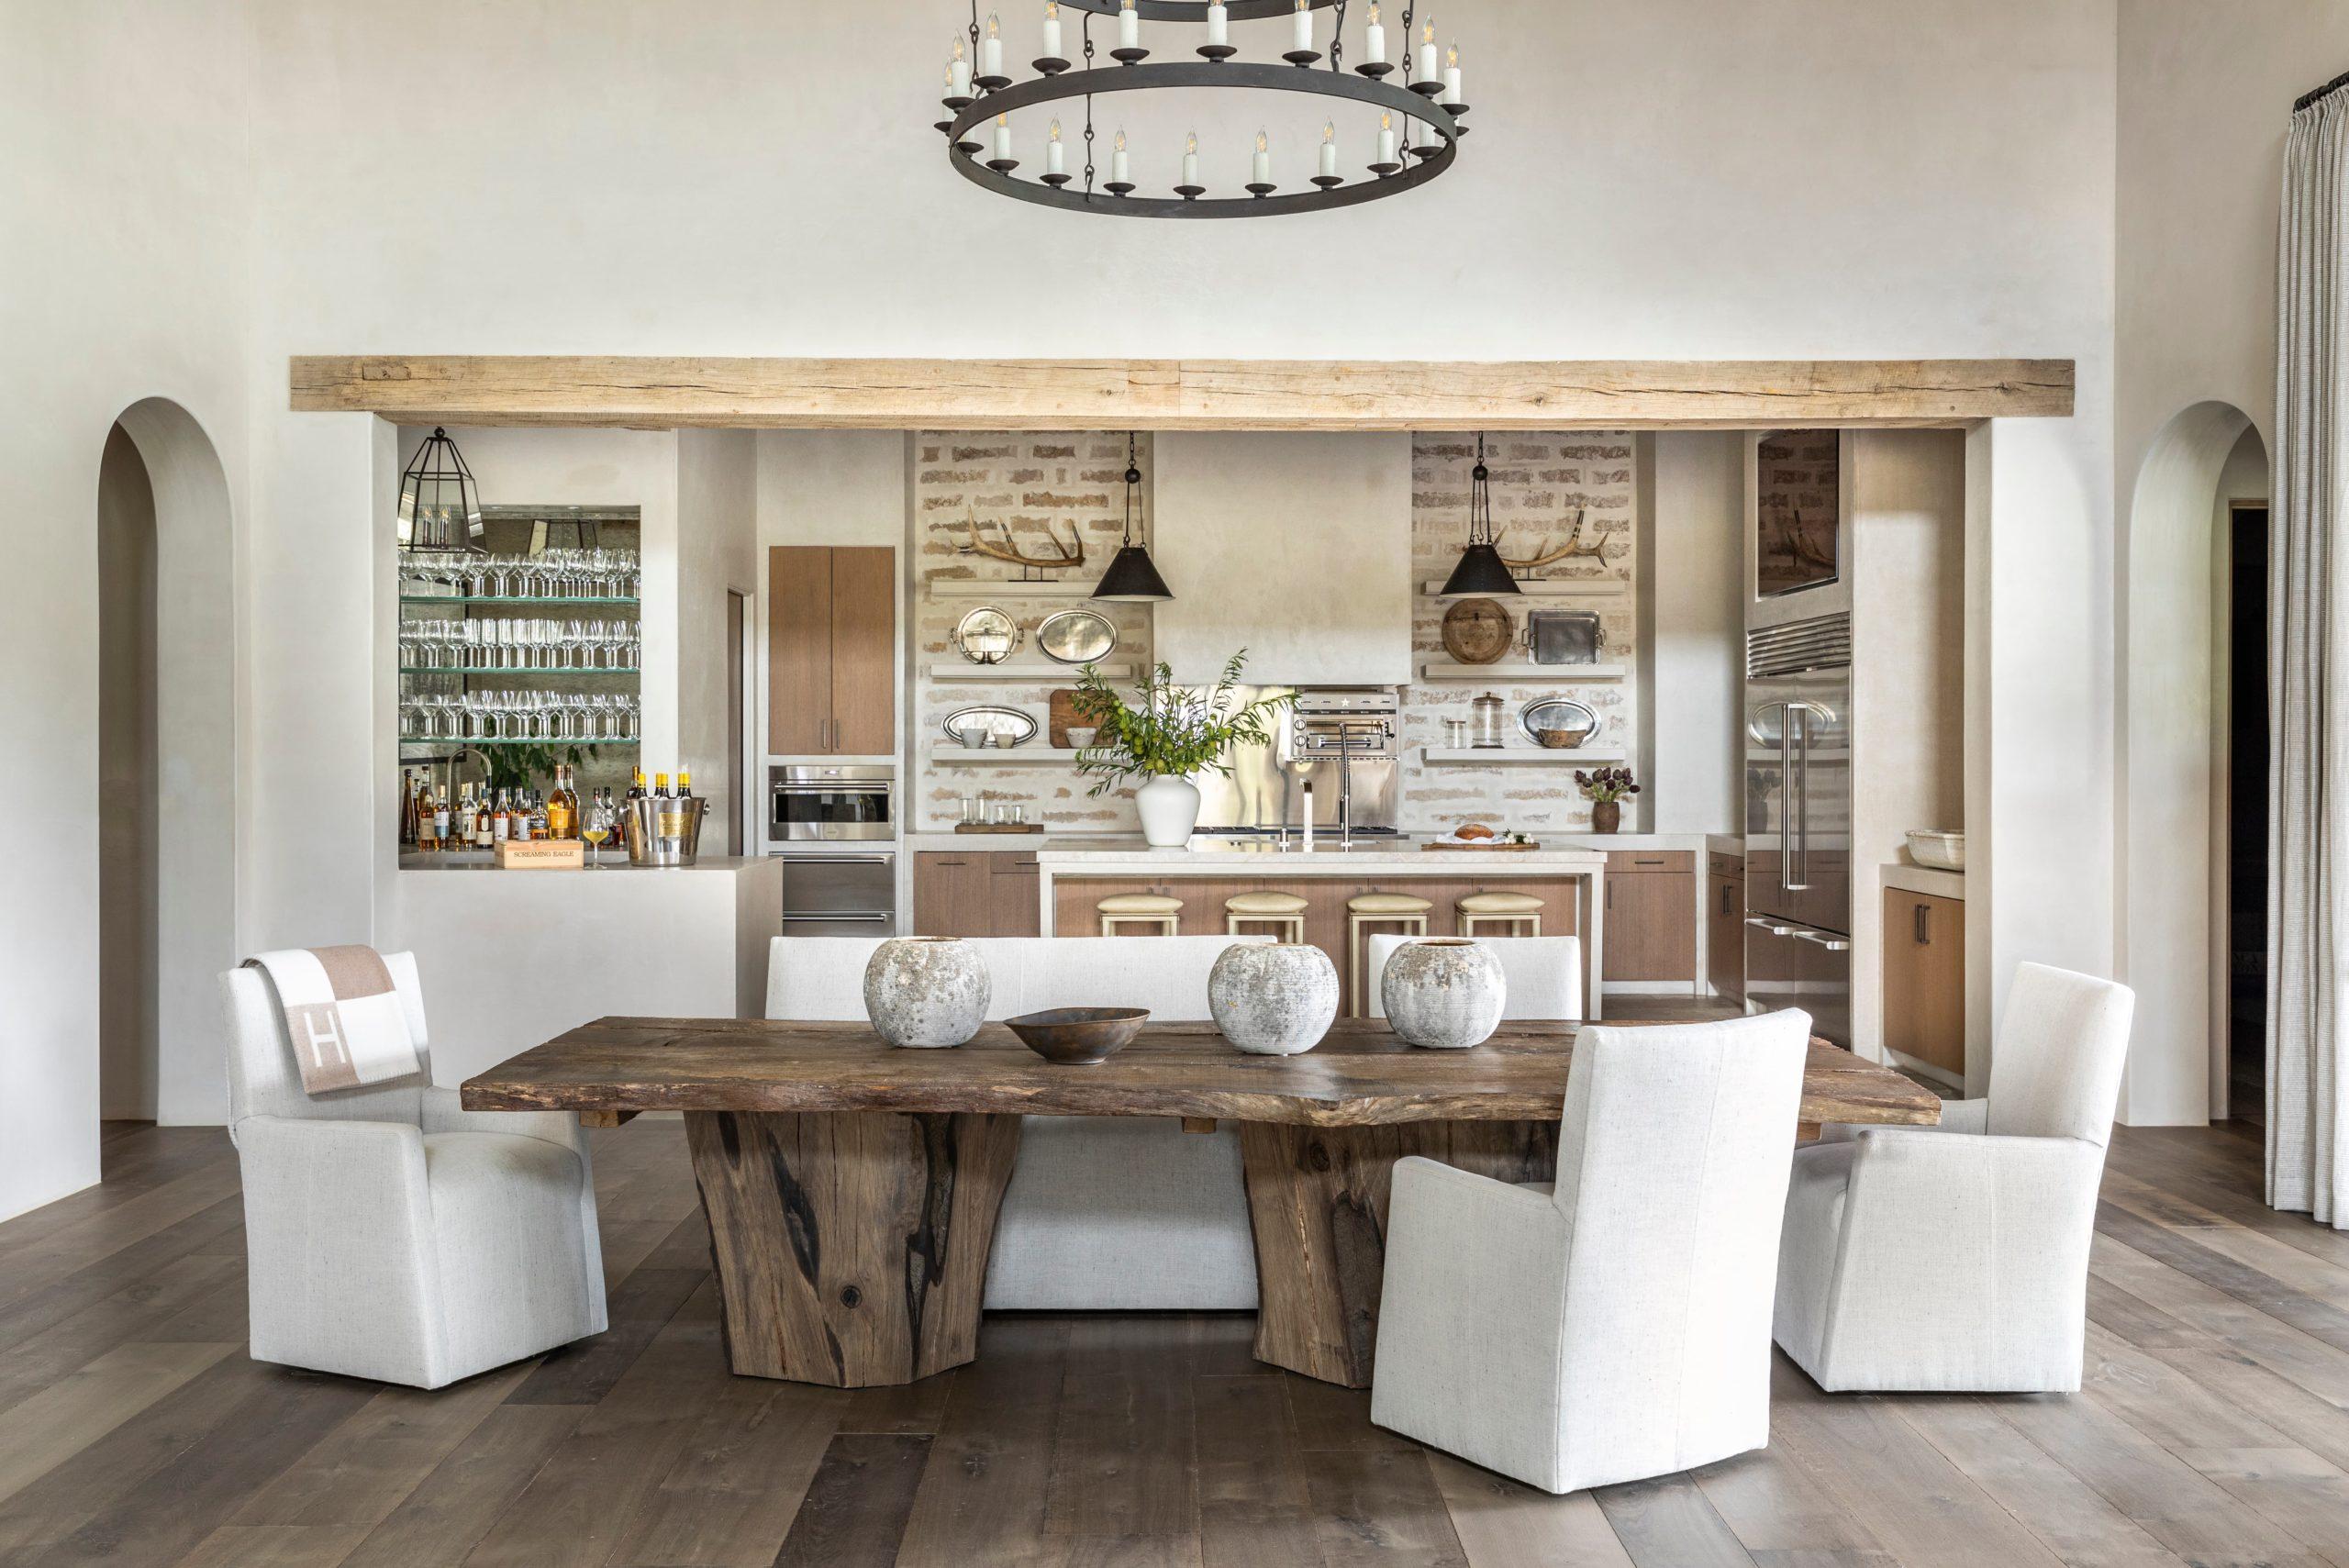 Bleached Rough Sawn Barn Beam and European White Oak Flooring